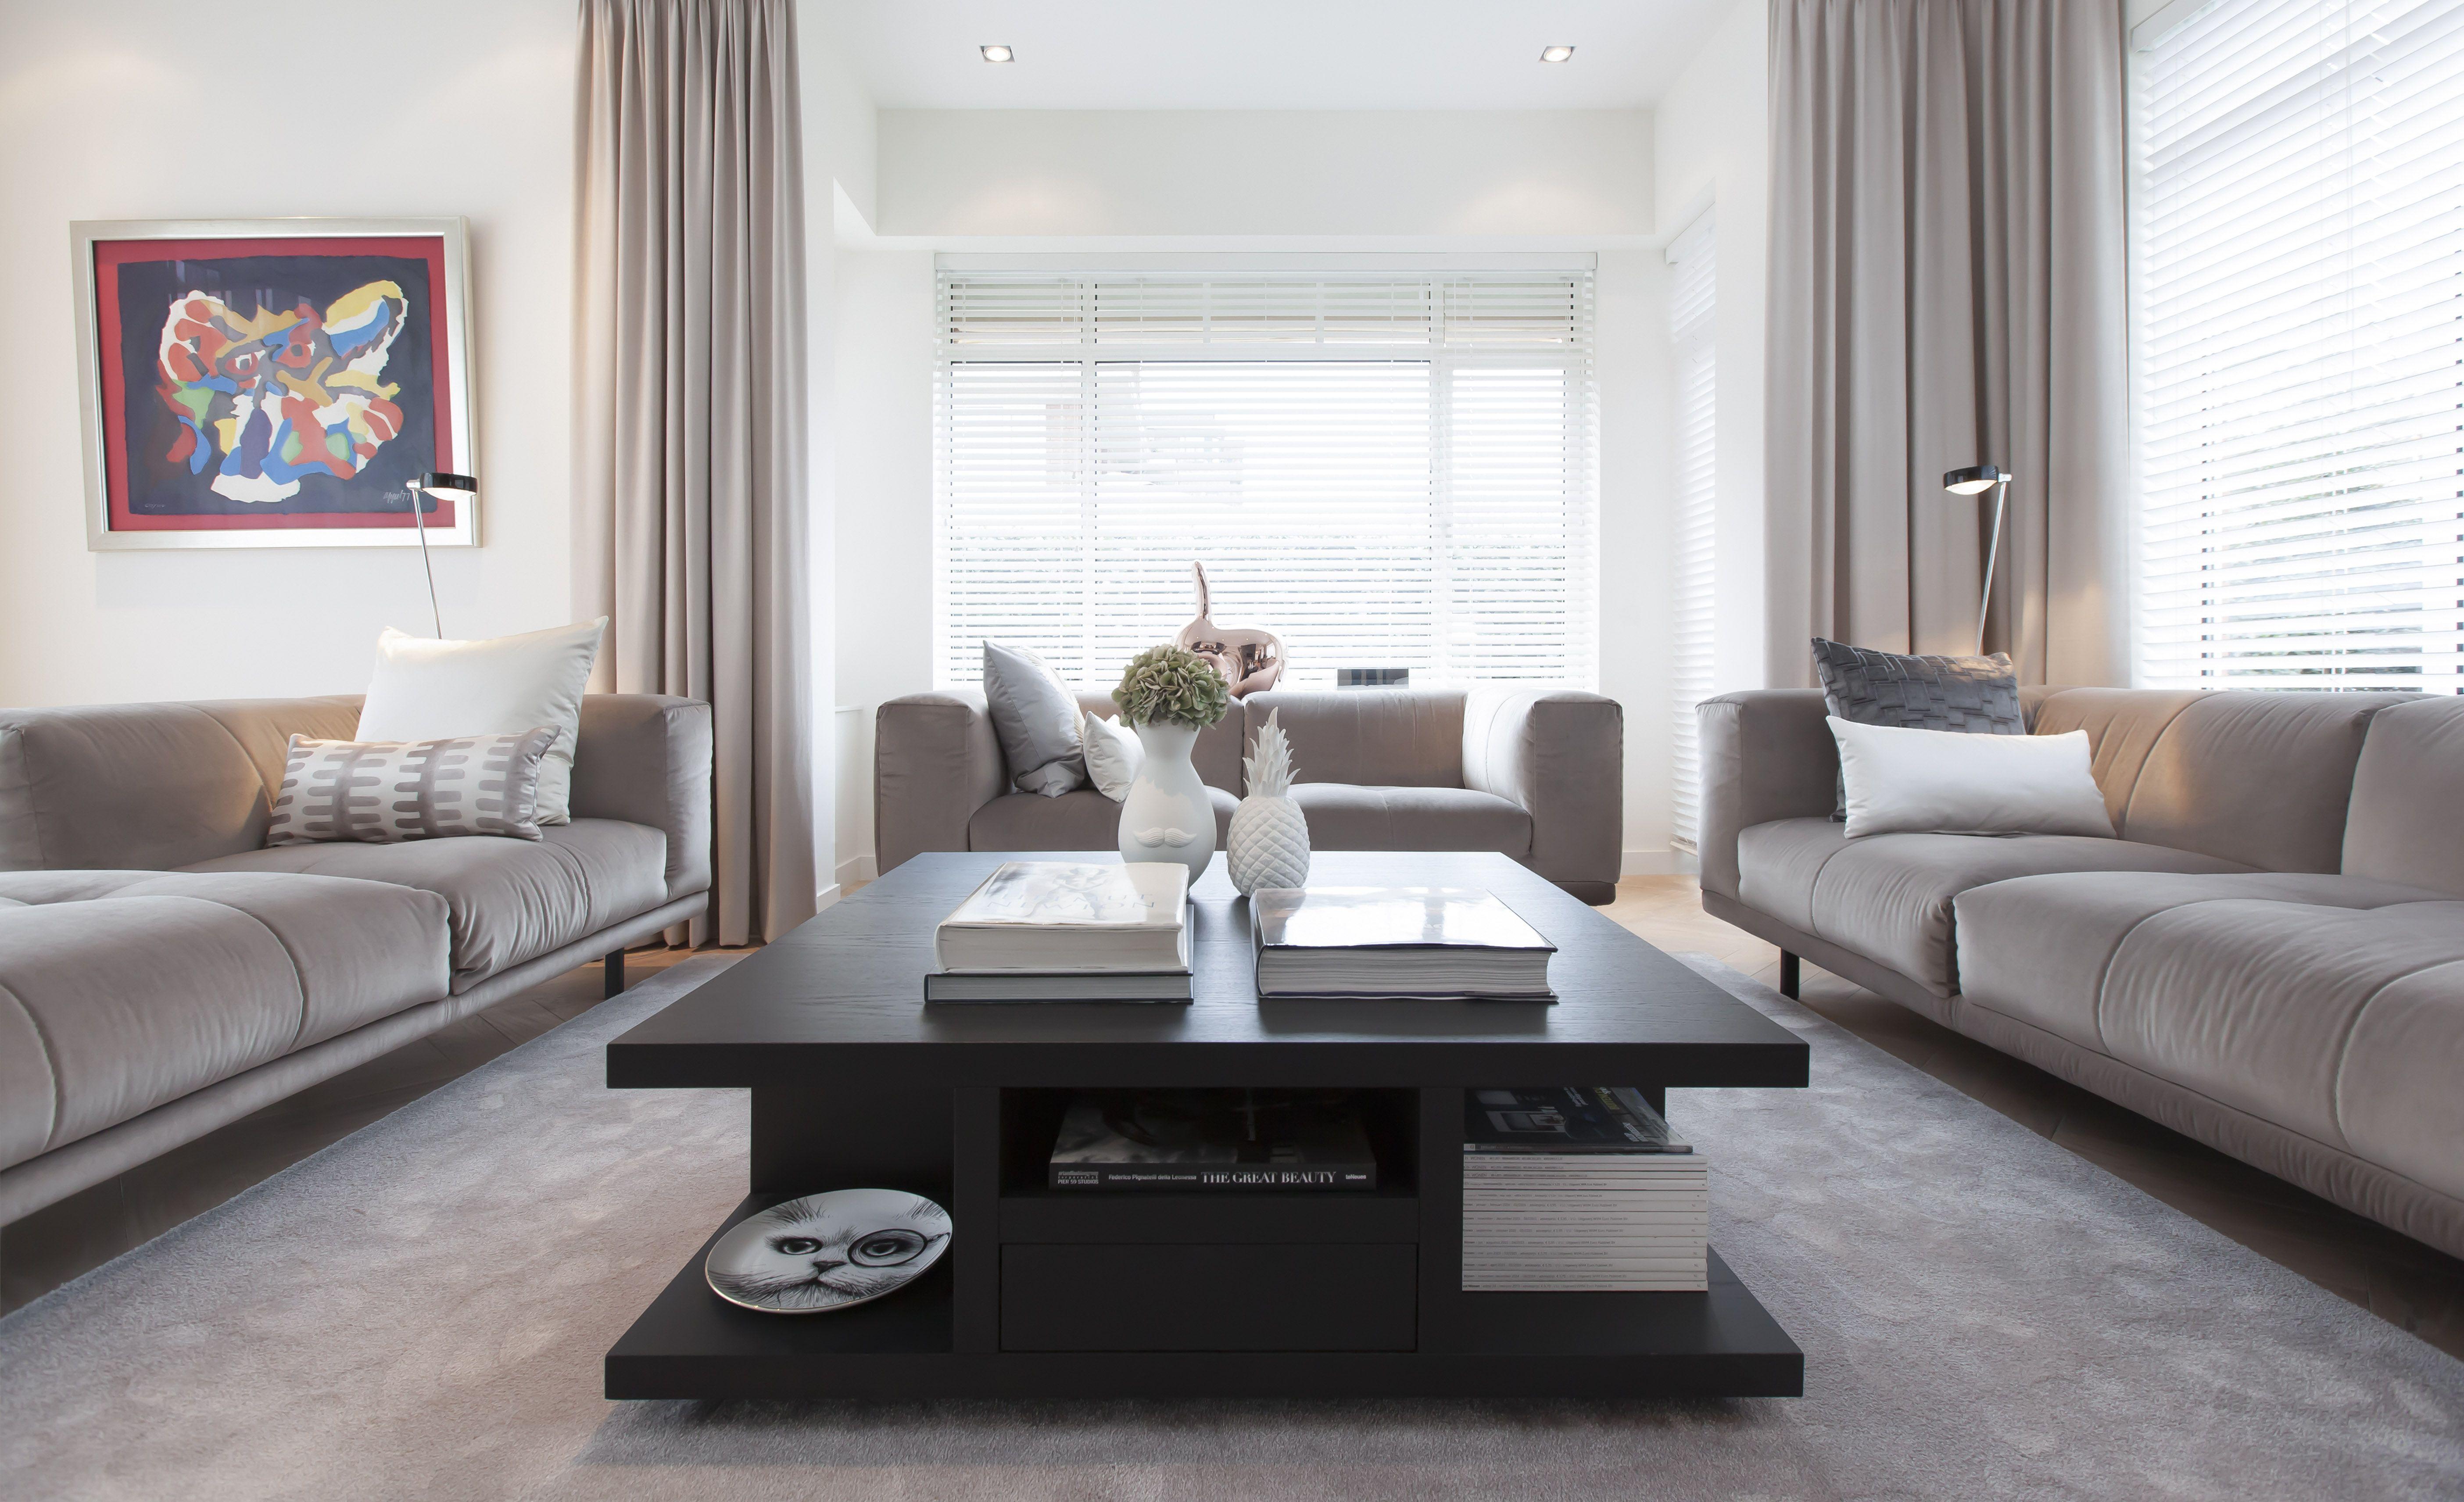 Interior design by Studio Jan des Bouvrie. #interior #inrichten ...